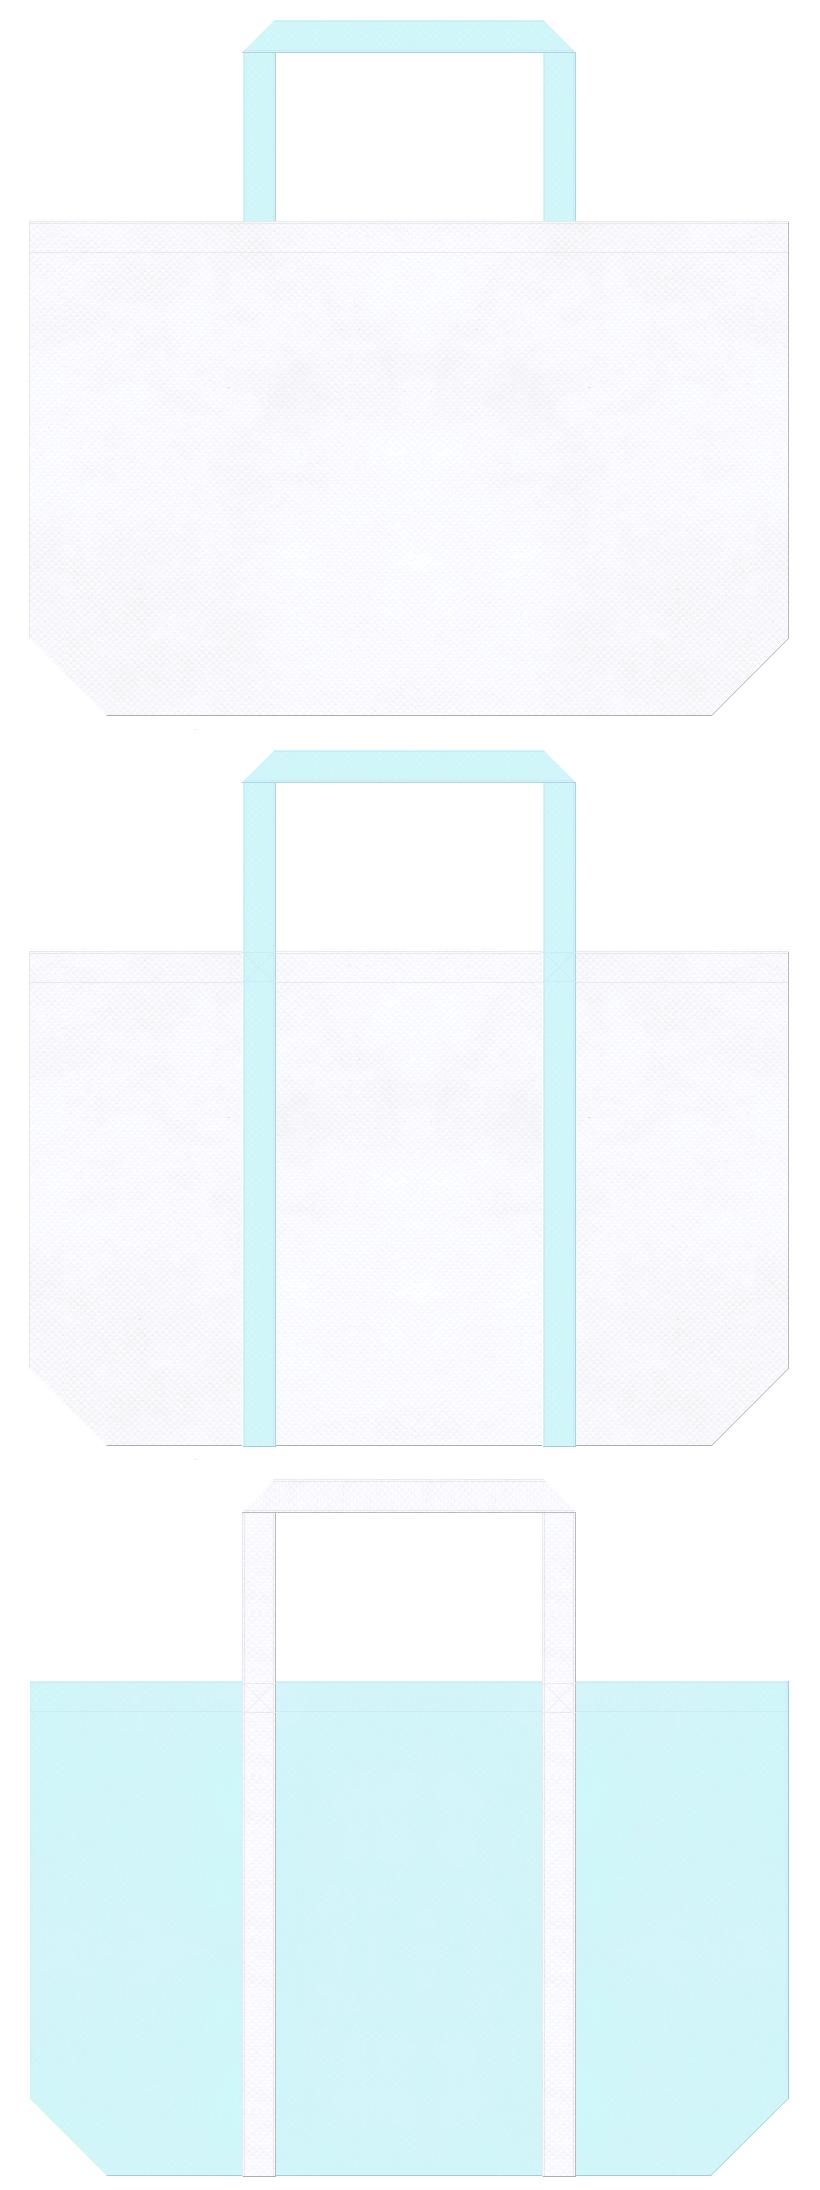 白色と水色の不織布ショッピングバッグデザイン:マリンファッション・ビーチグッズのショッピングバッグにお奨めです。